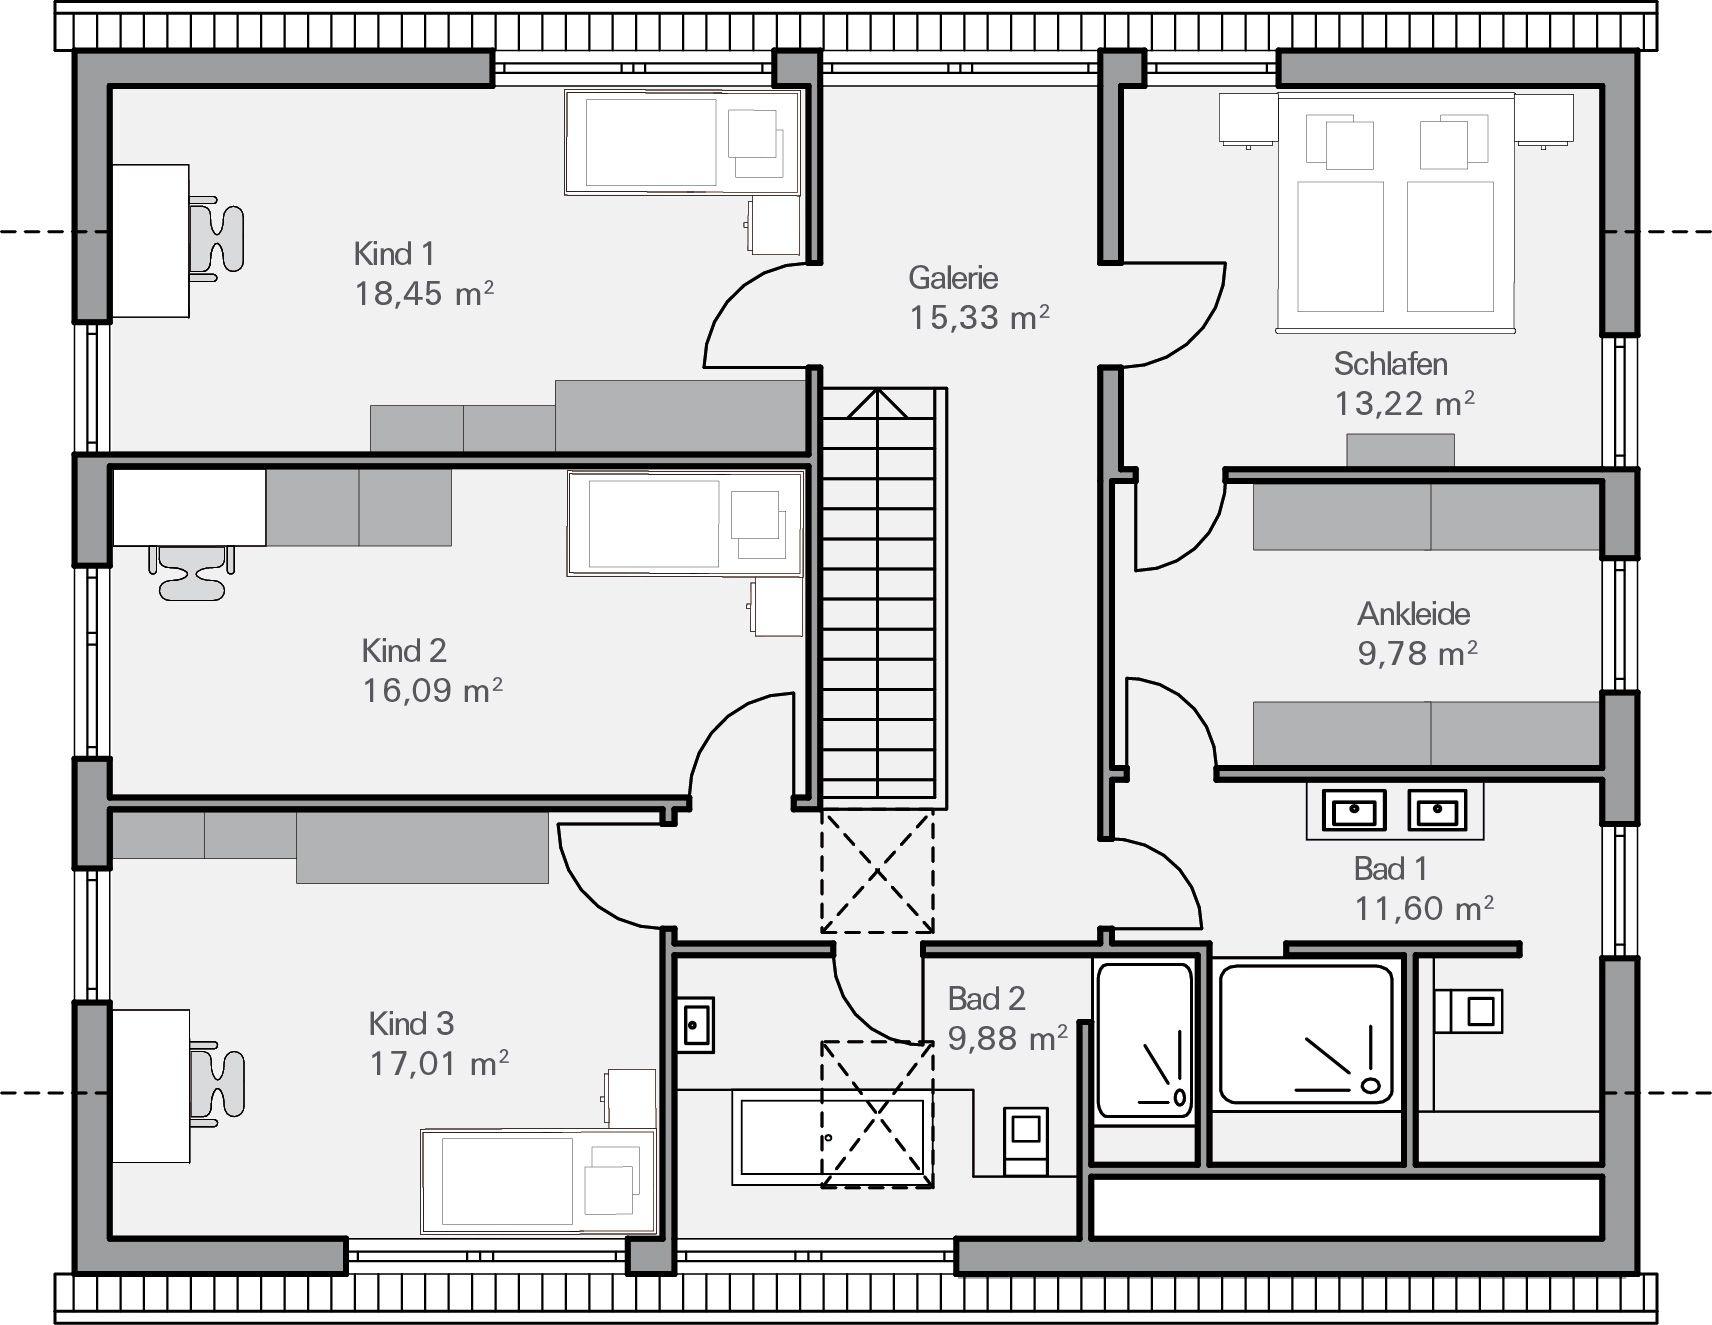 grundriss dg ohlig pinteres. Black Bedroom Furniture Sets. Home Design Ideas